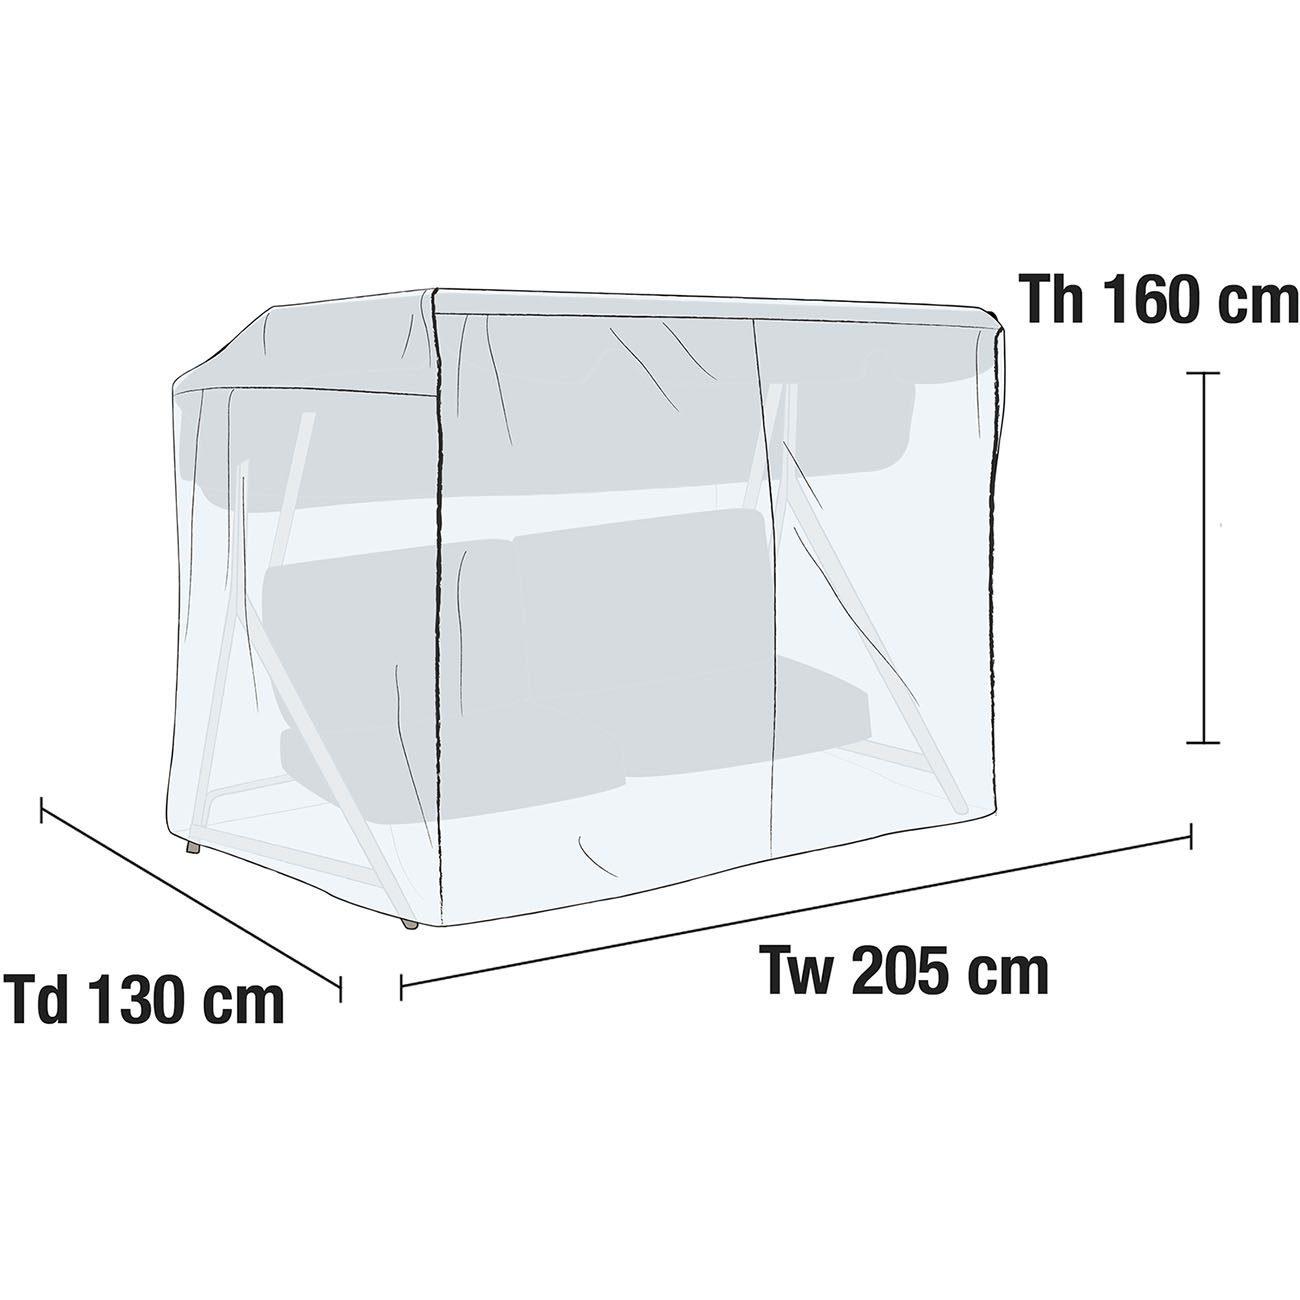 Hammockskydd i transparent PVC-plast från Brafab.